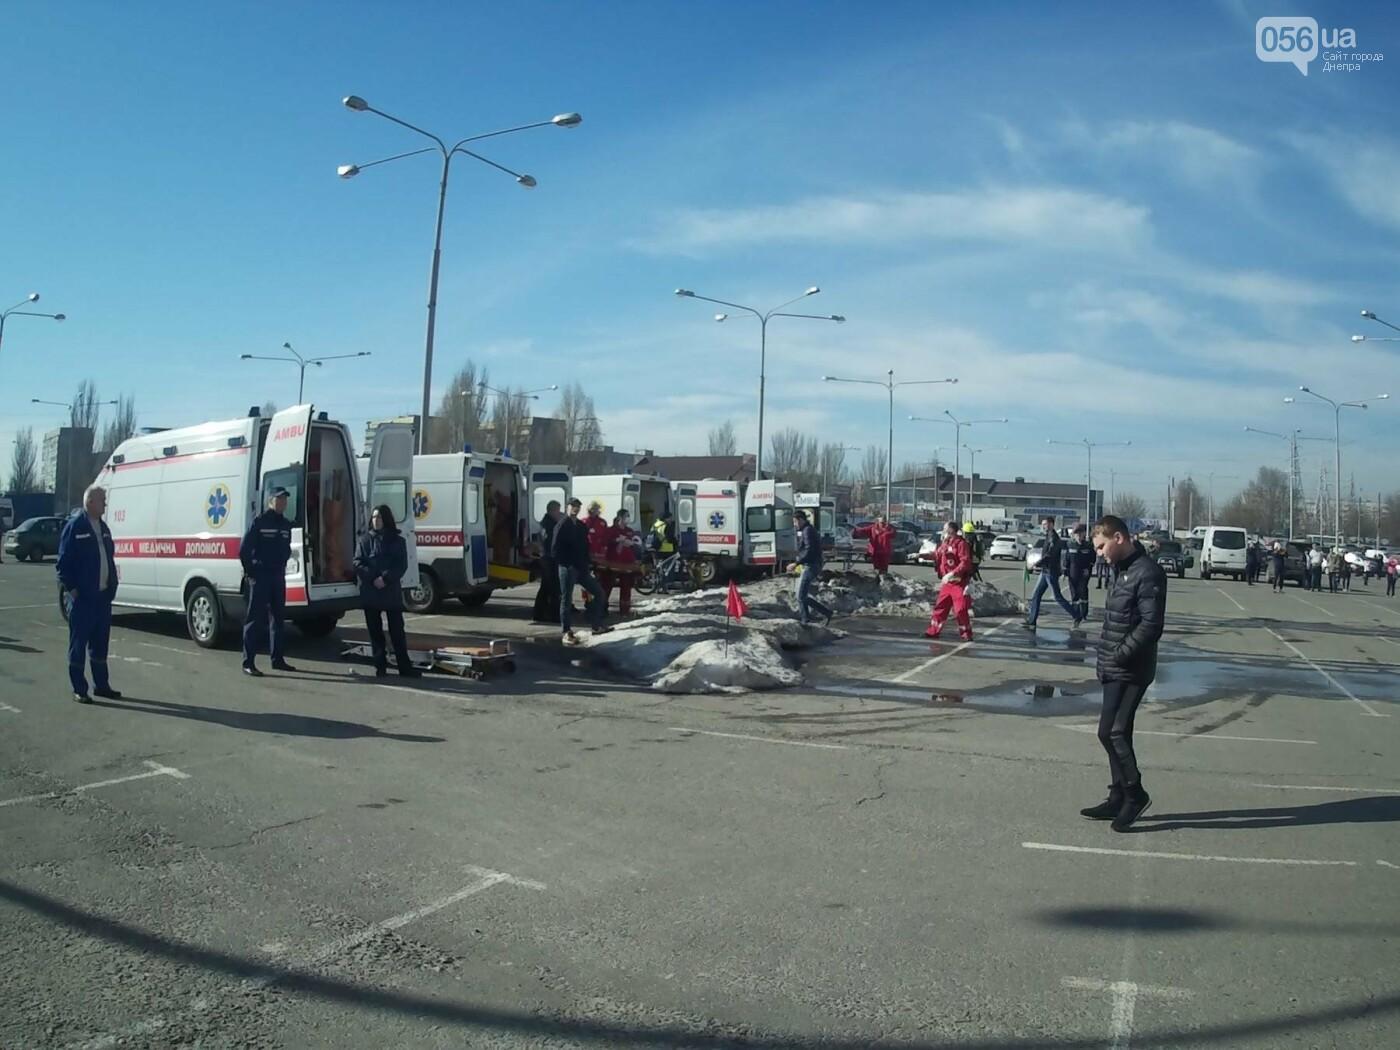 В Днепре спасатели эвакуировали персонал и посетителей из «Каравана» (ФОТО, ВИДЕО), фото-9